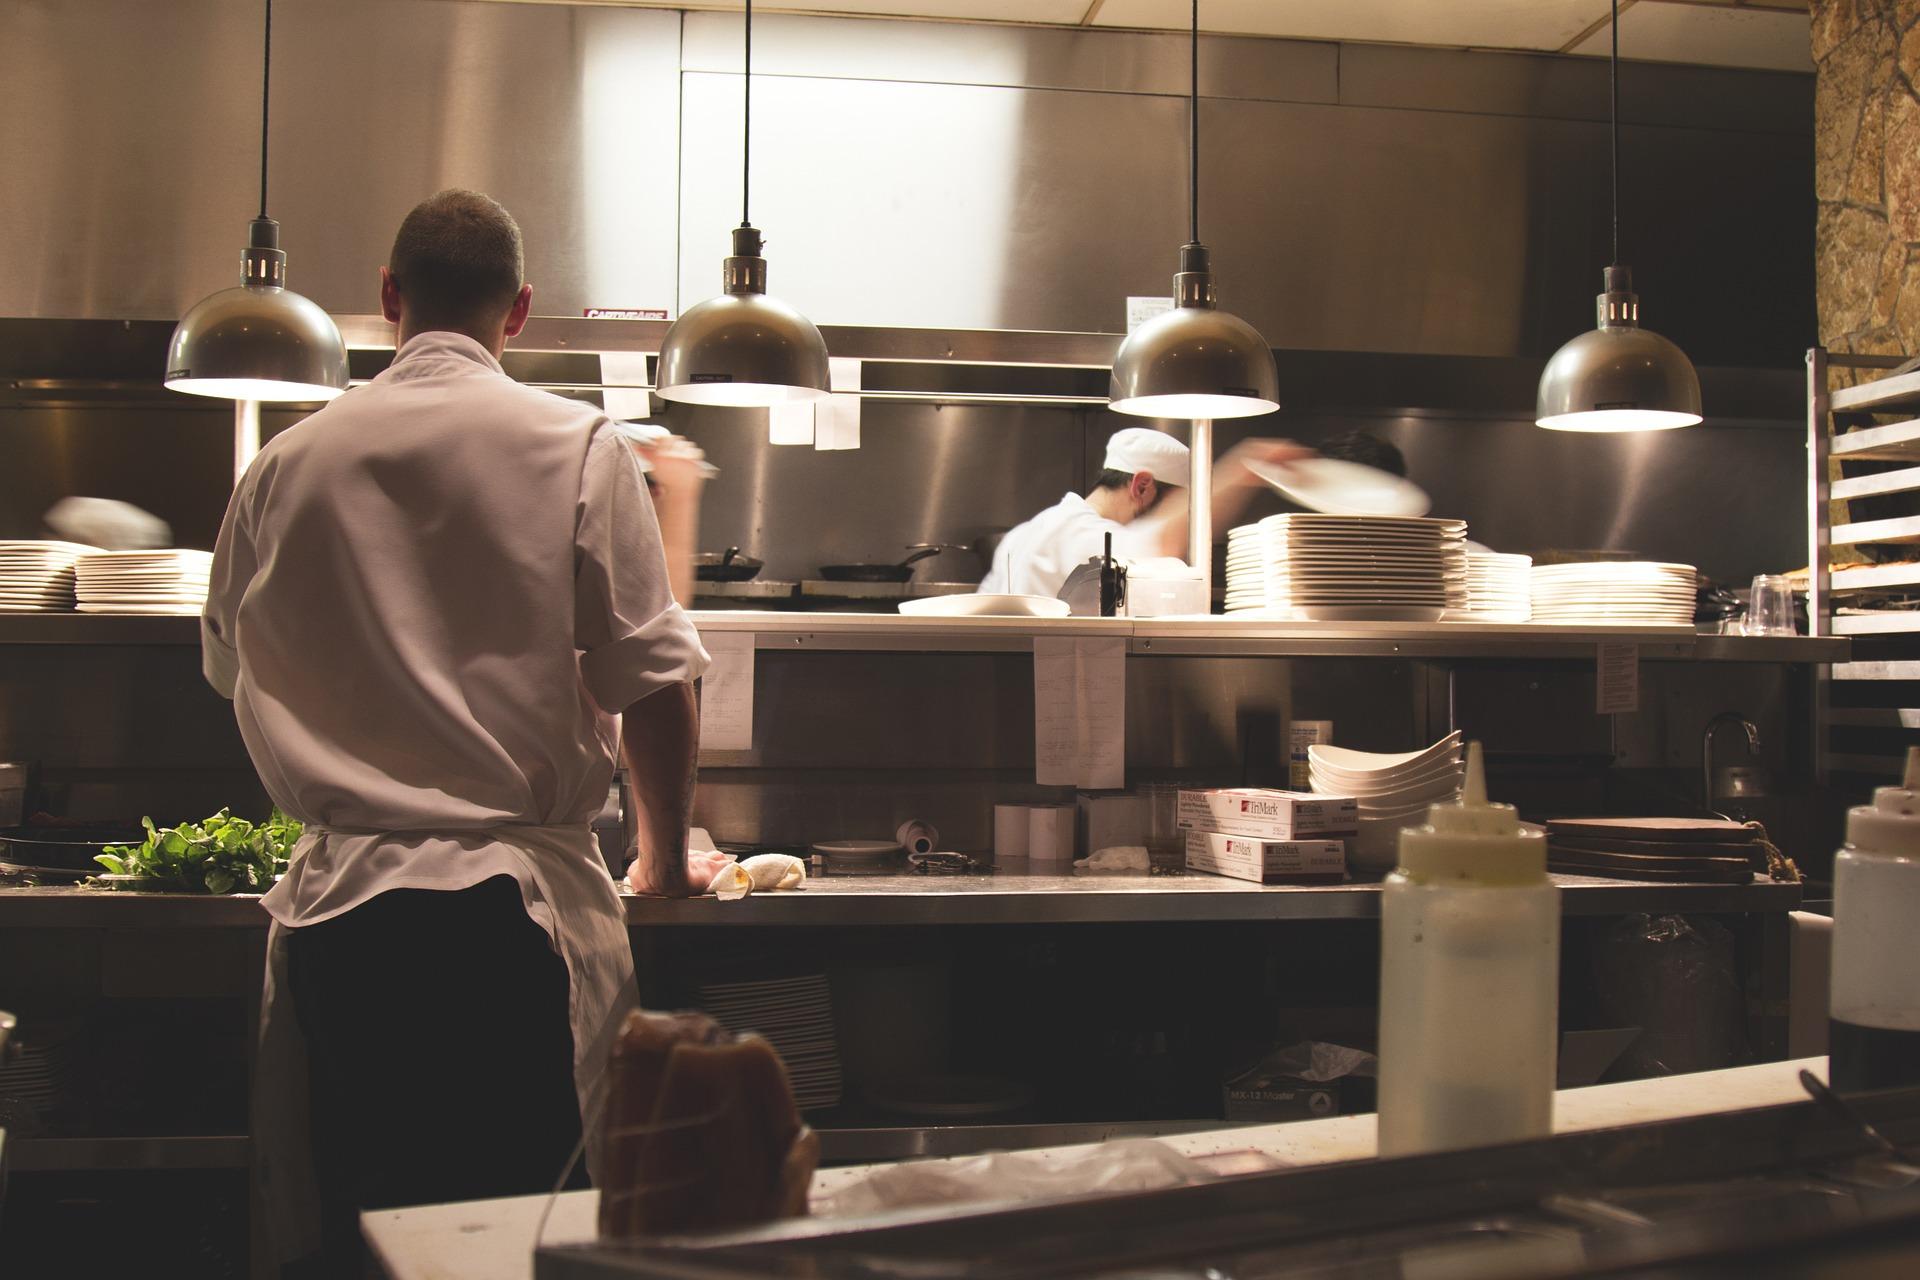 NFPT Kitchen